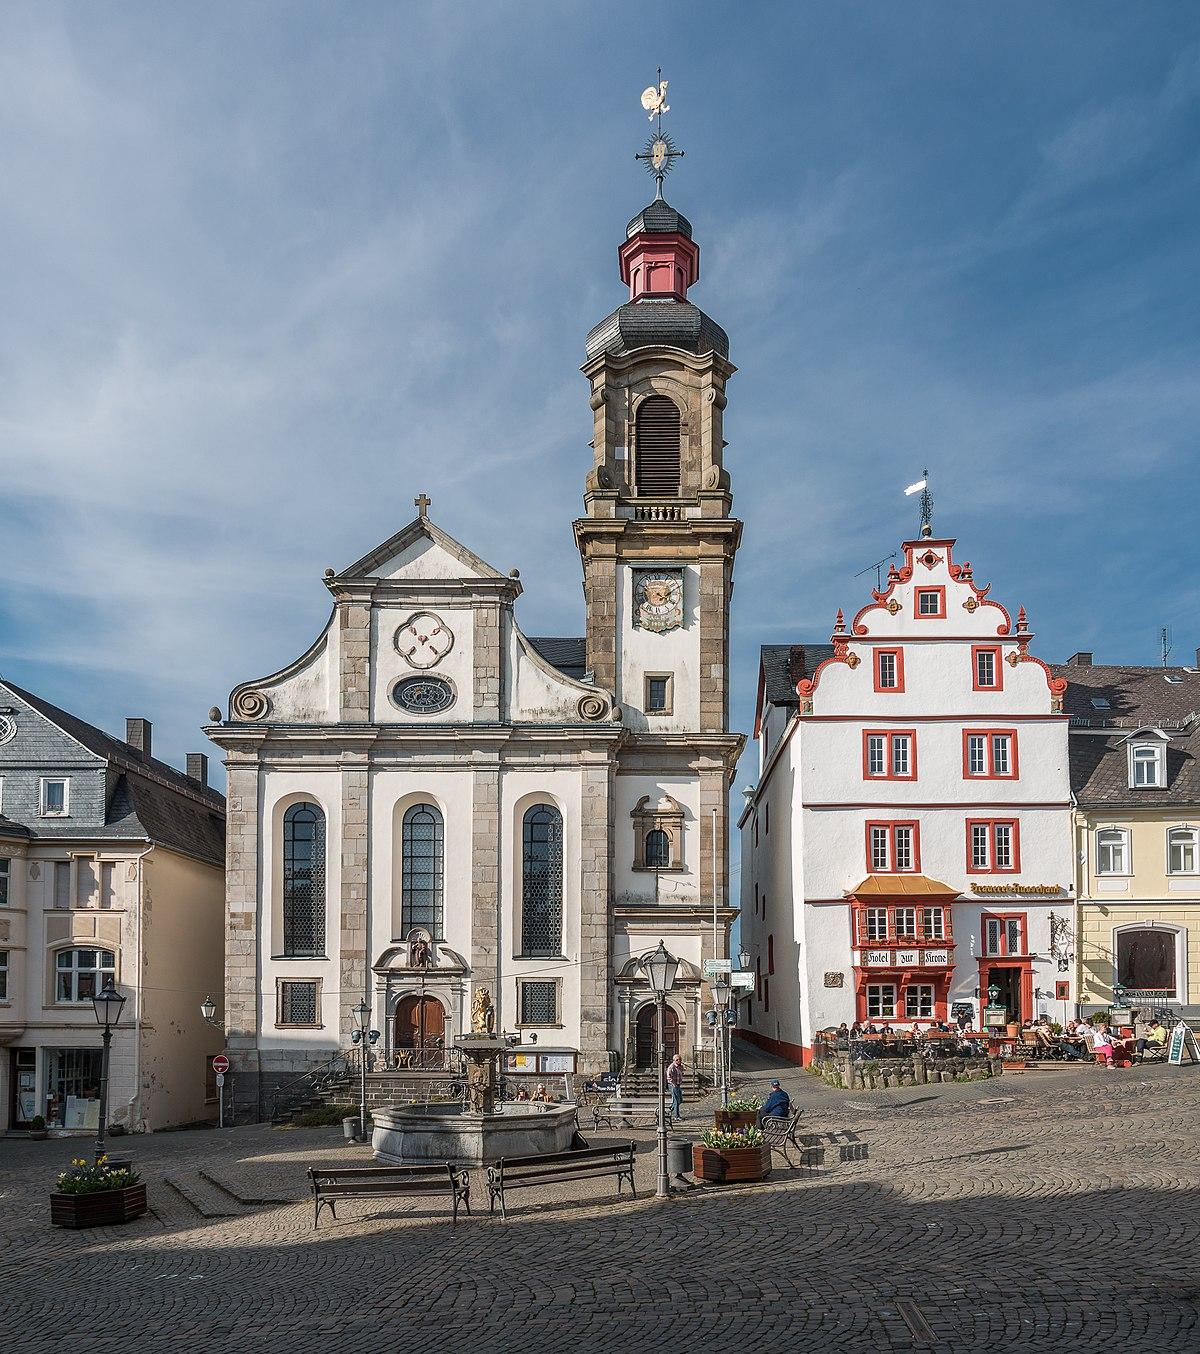 Franziskanerkloster hachenburg wikipedia Burg hachenburg